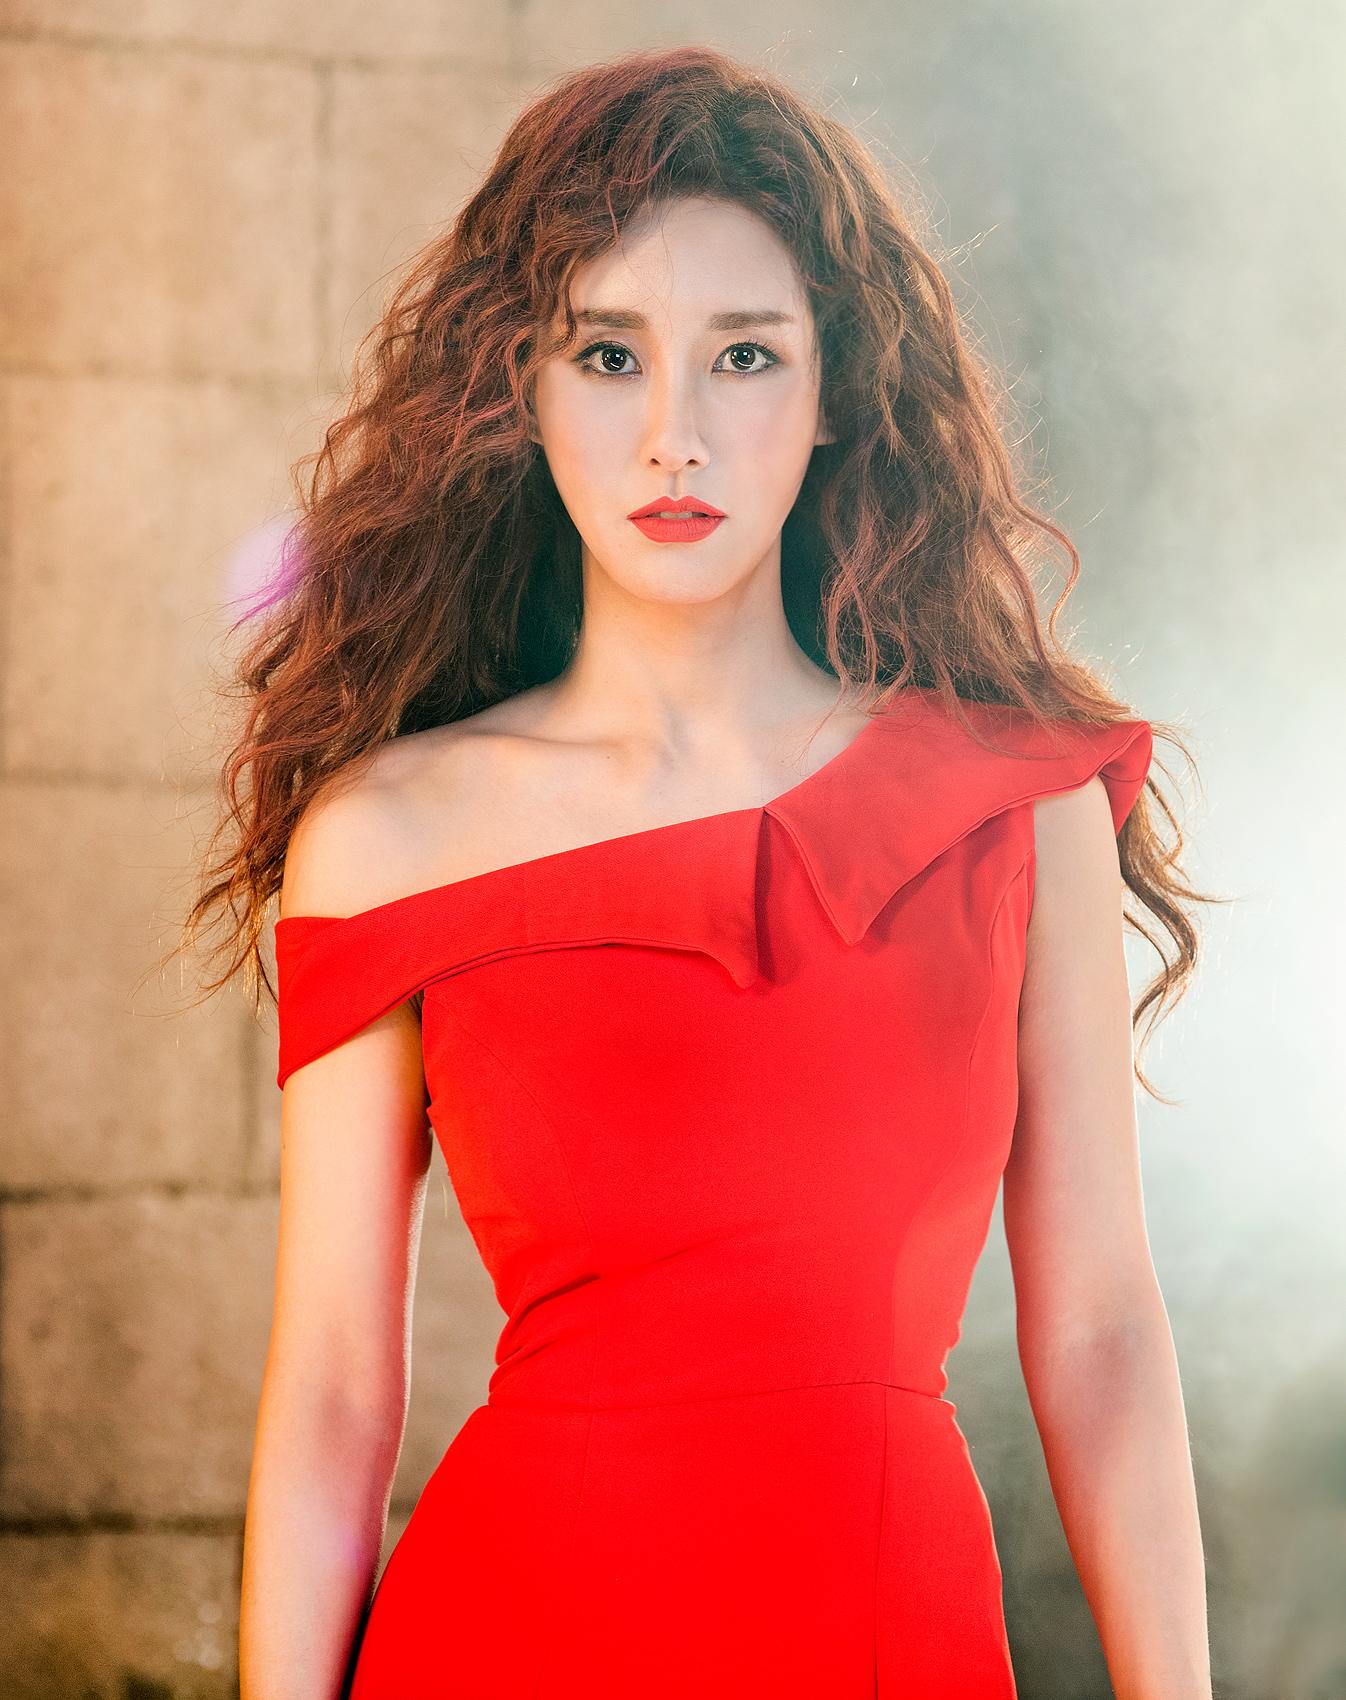 [지킬앤하이드] 컨셉사진_루시 역_윤공주(제공.오디컴퍼니)